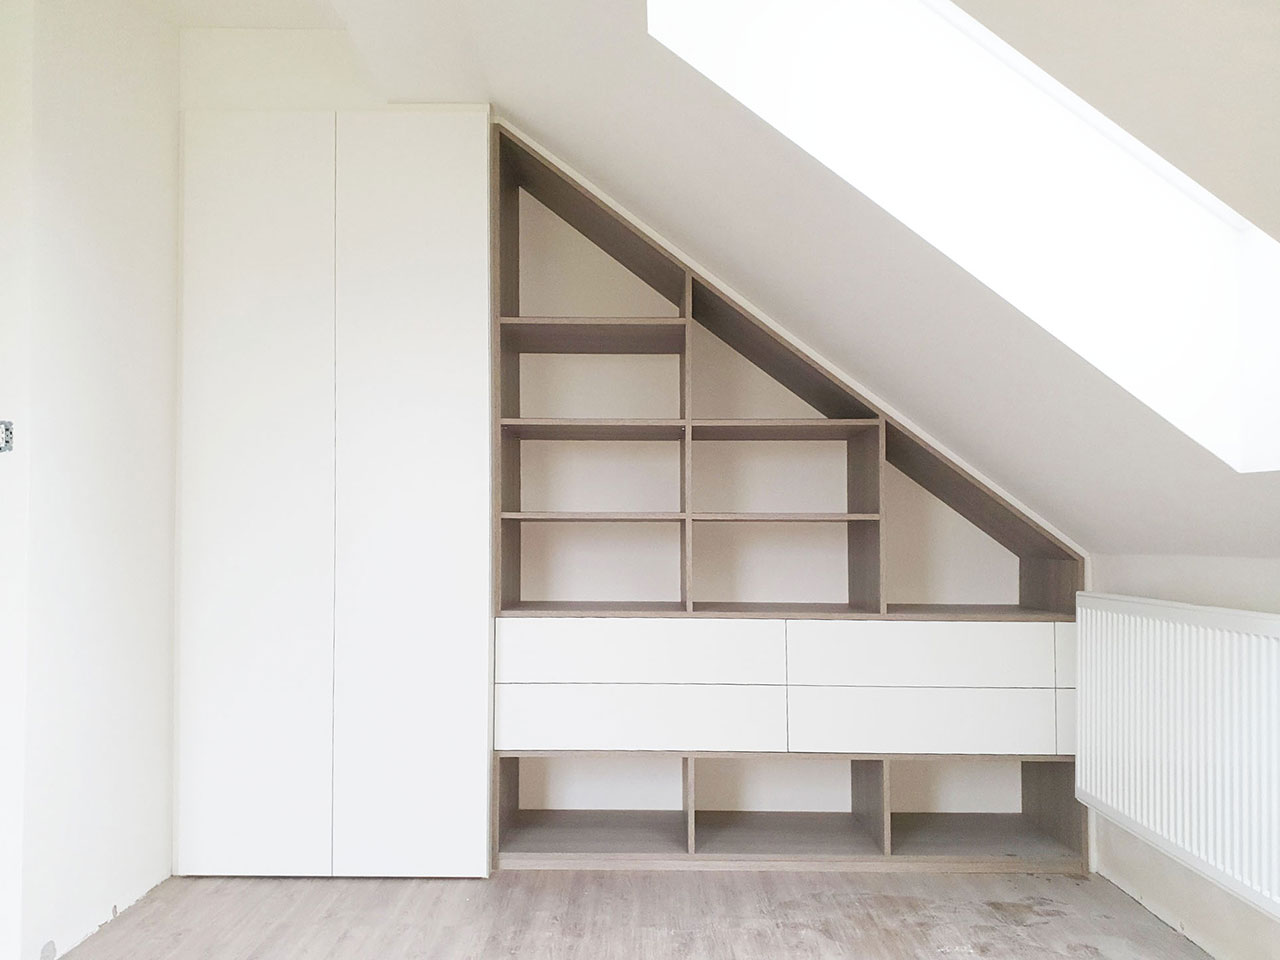 Vestavěný skříň do šikmého prostoru v bílém provedení kombinovaná s dřevěnou otevřenou částí a šuplíky